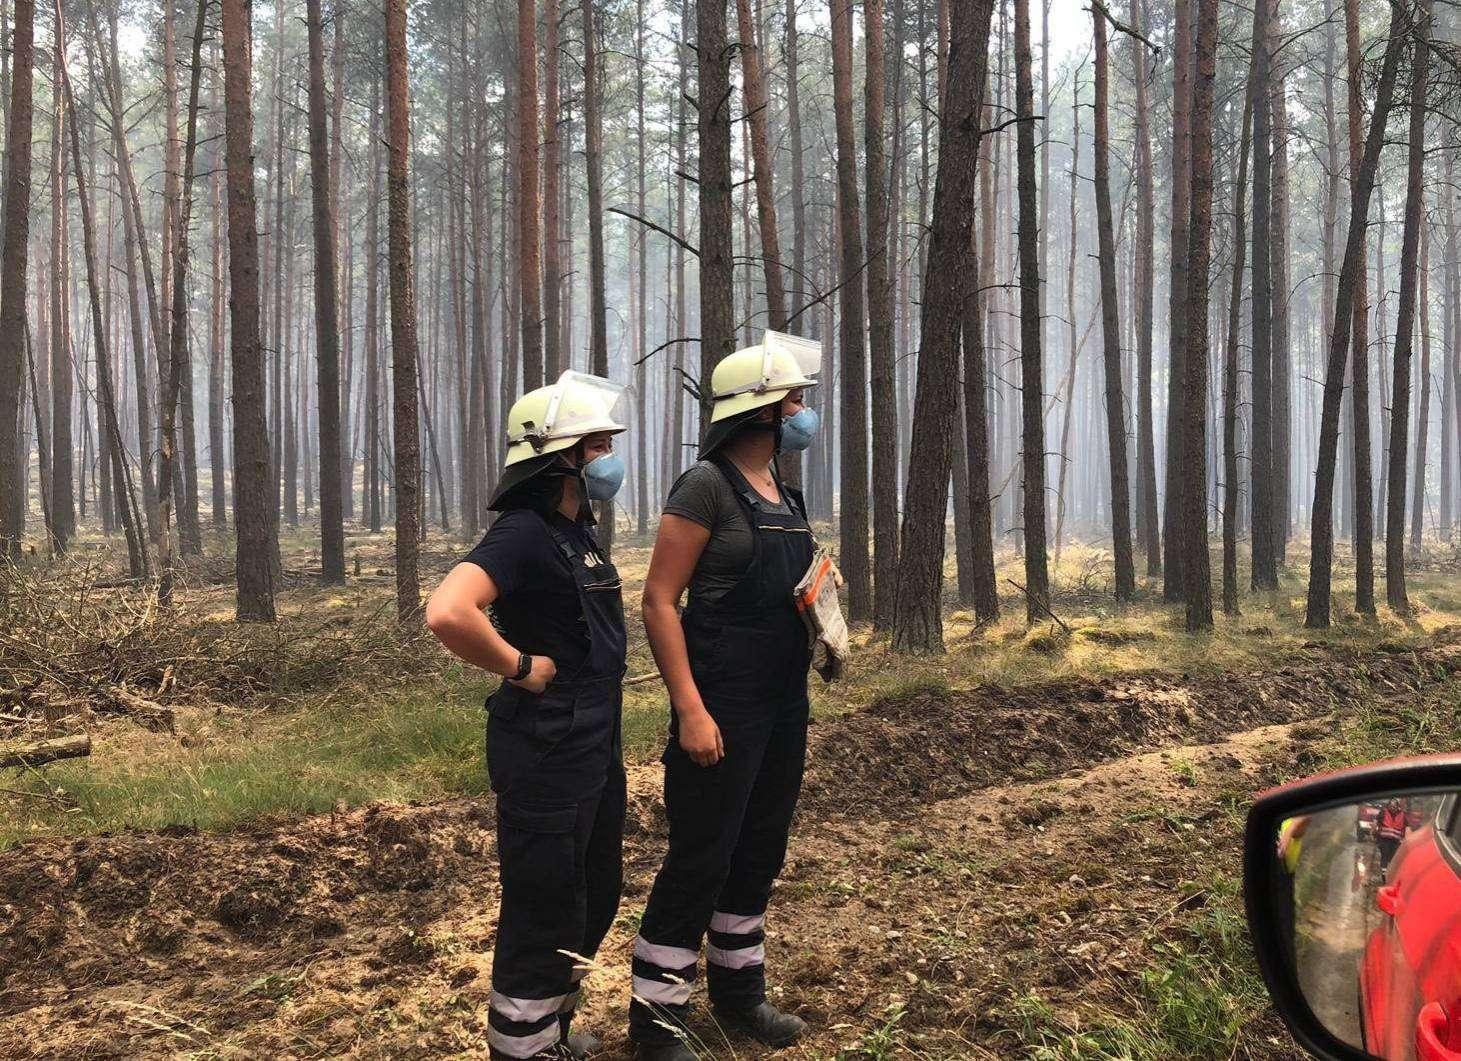 Einsatzkräfte der Kreisbereitschaft Süd im Waldgebiet bei Lübtheen: Zwei Tage lang kämpfen Feuerwehrleute aus zahlreichen Wehren des Landkreises in Mecklenburg-Vorpommern gegen die Flammen. Fotos: Feuerwehren